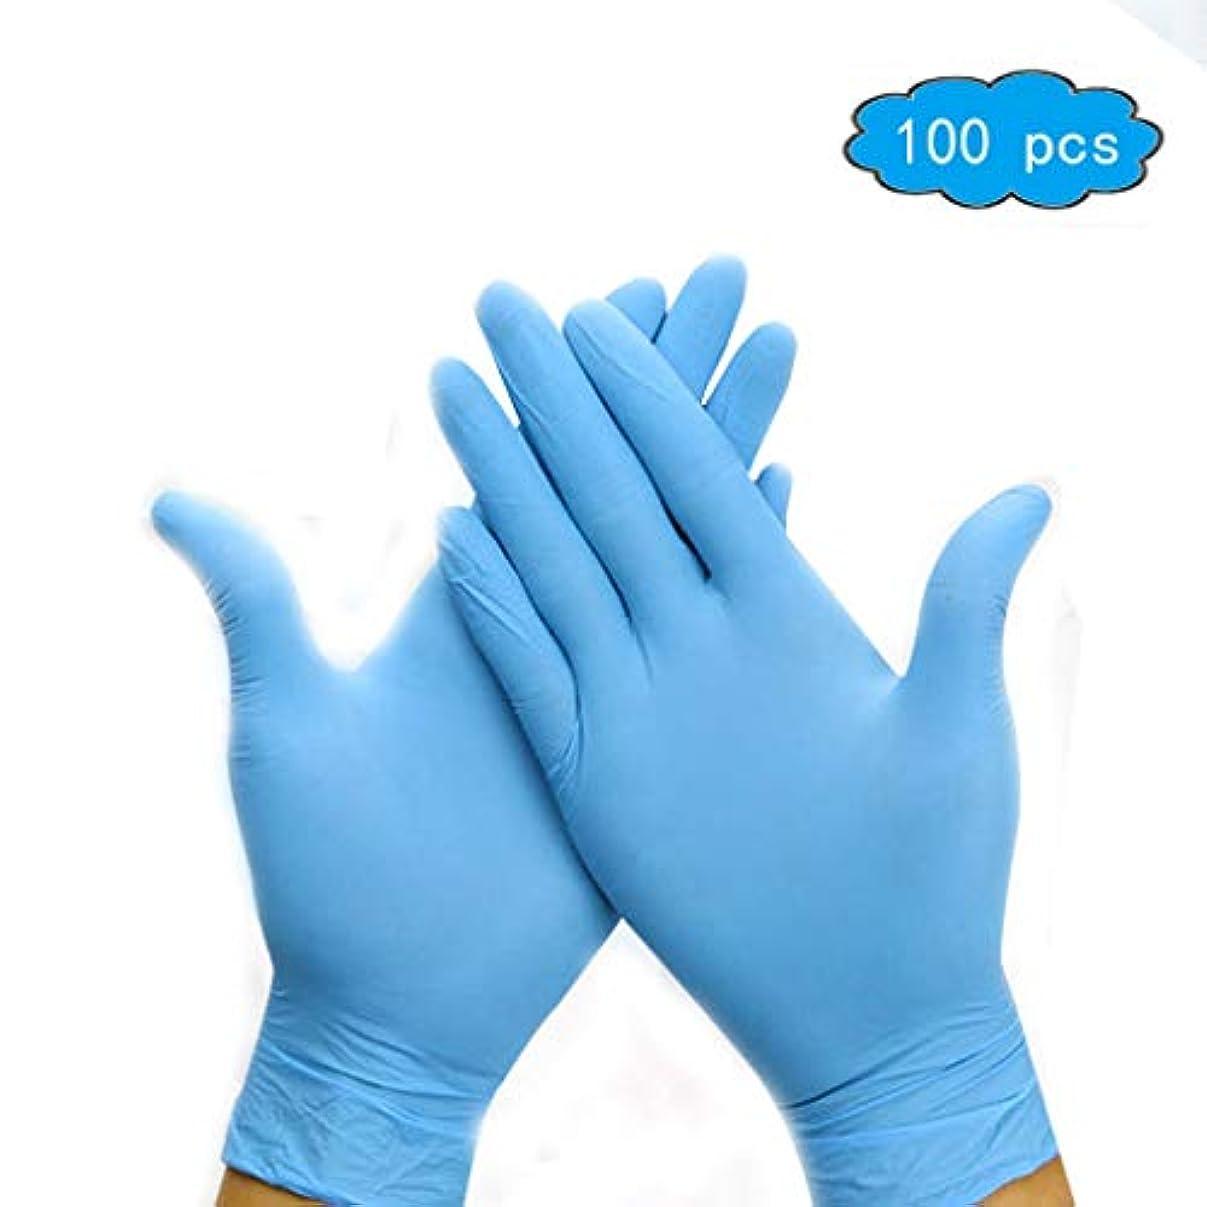 酔ったスペル流使い捨てニトリル手袋 - パウダーフリー、ラテックスフリー、メディカル試験グレード、無菌、Ambidextrous - テクスチャード加工のソフト - クールブルー(中、1パック、100カウント)、手?腕の保護 (Color...